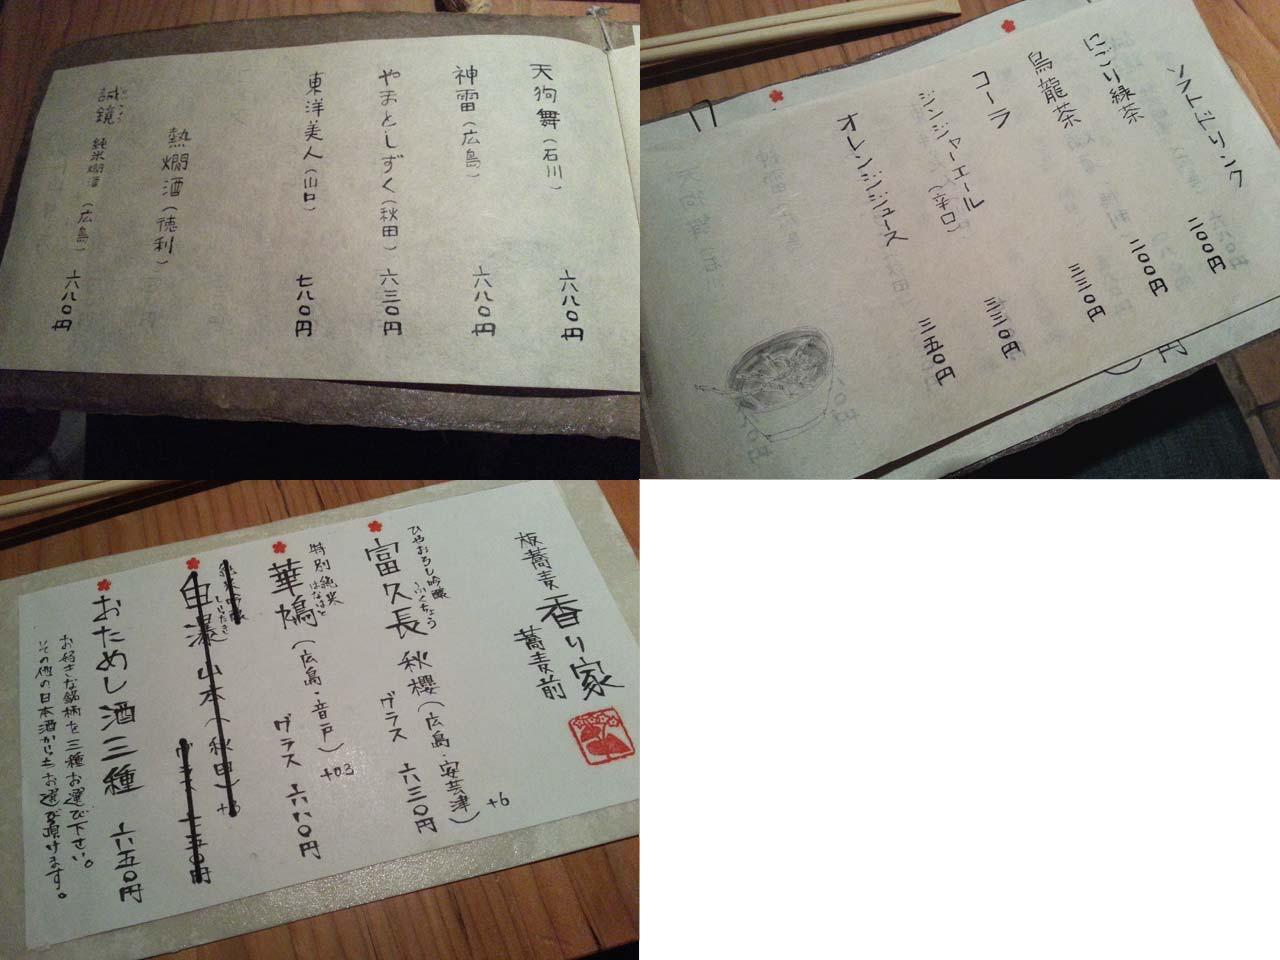 kaoriya_026.jpg